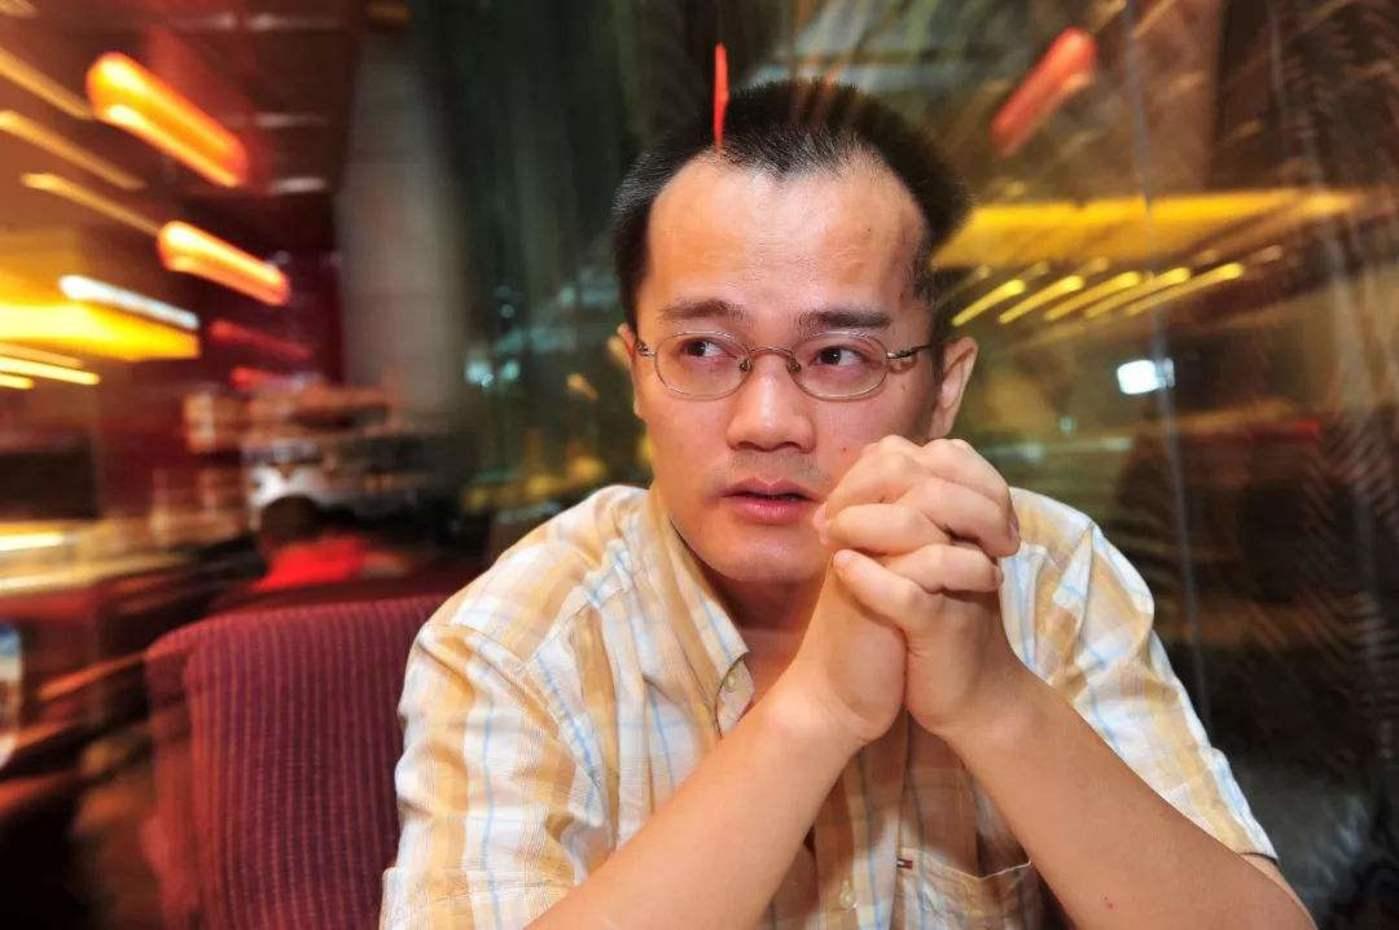 """王兴领投李想造车公司""""理想"""",C轮融资后估值200亿   钛媒体独家"""